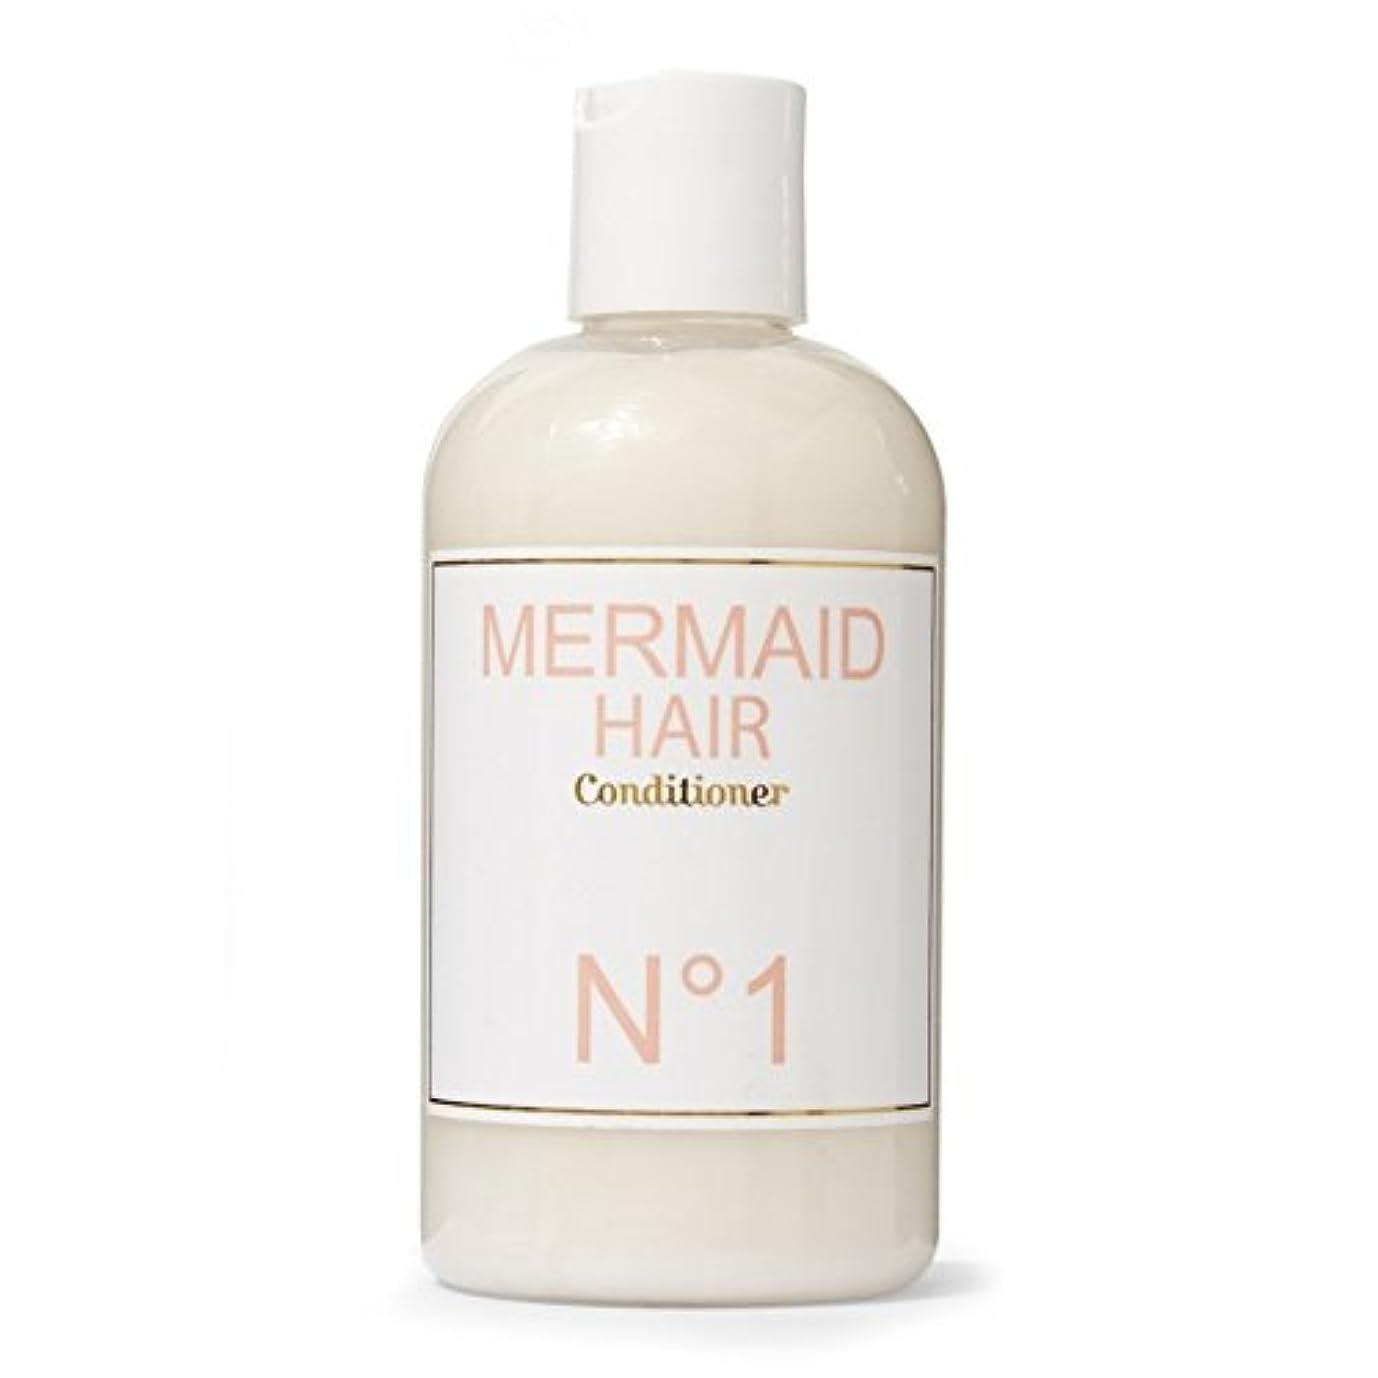 被る寛容熟練したMermaid Perfume Mermaid Conditioner 300ml - 人魚香水人魚コンディショナー300ミリリットル [並行輸入品]